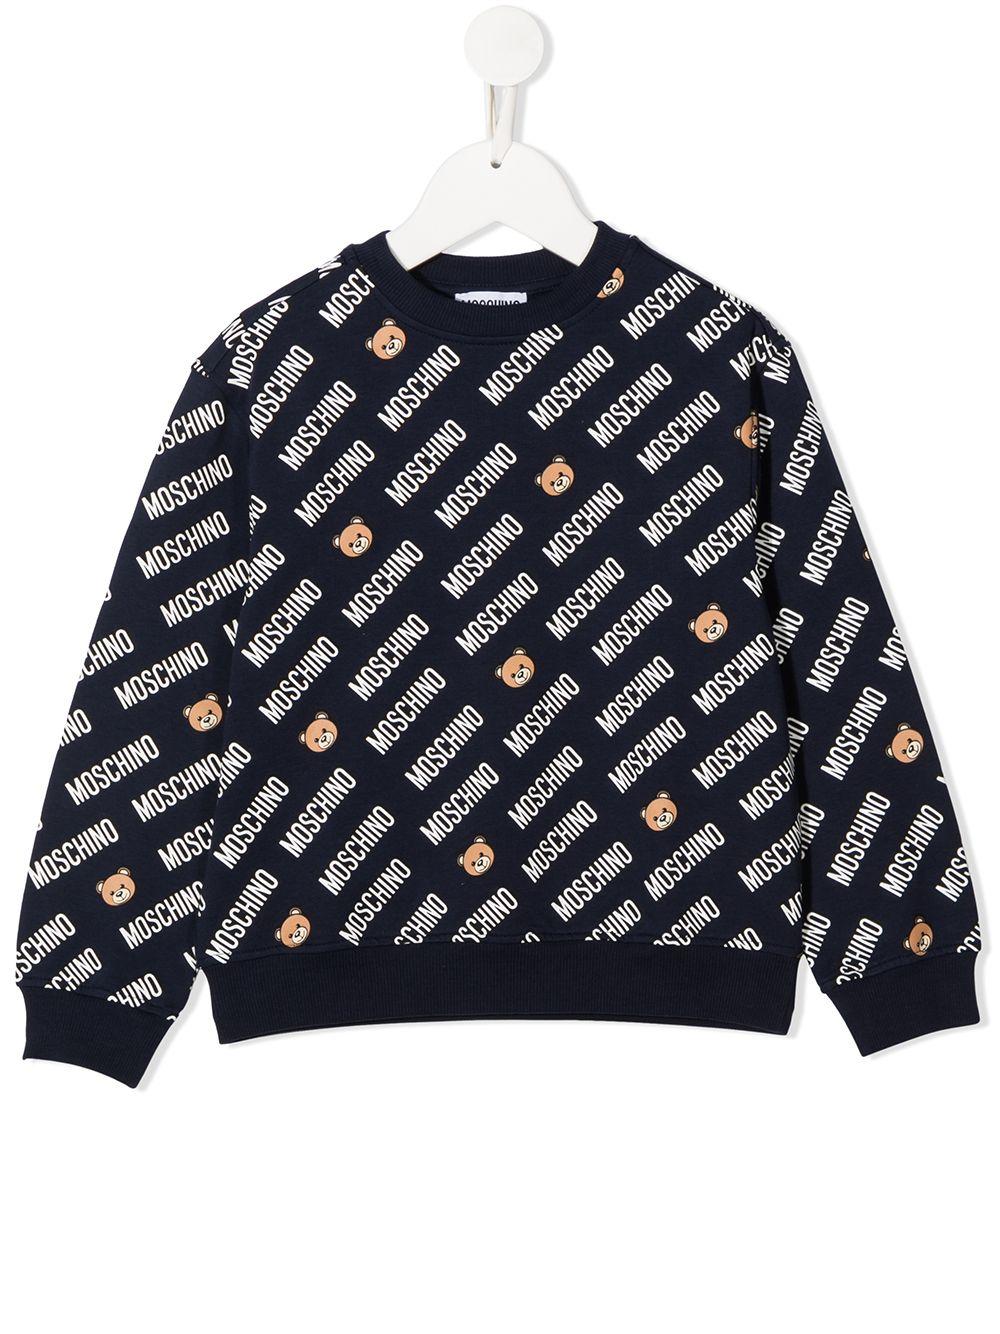 MOSCHINO KIDS | Sweatshirt | HUF04FLDB4583235